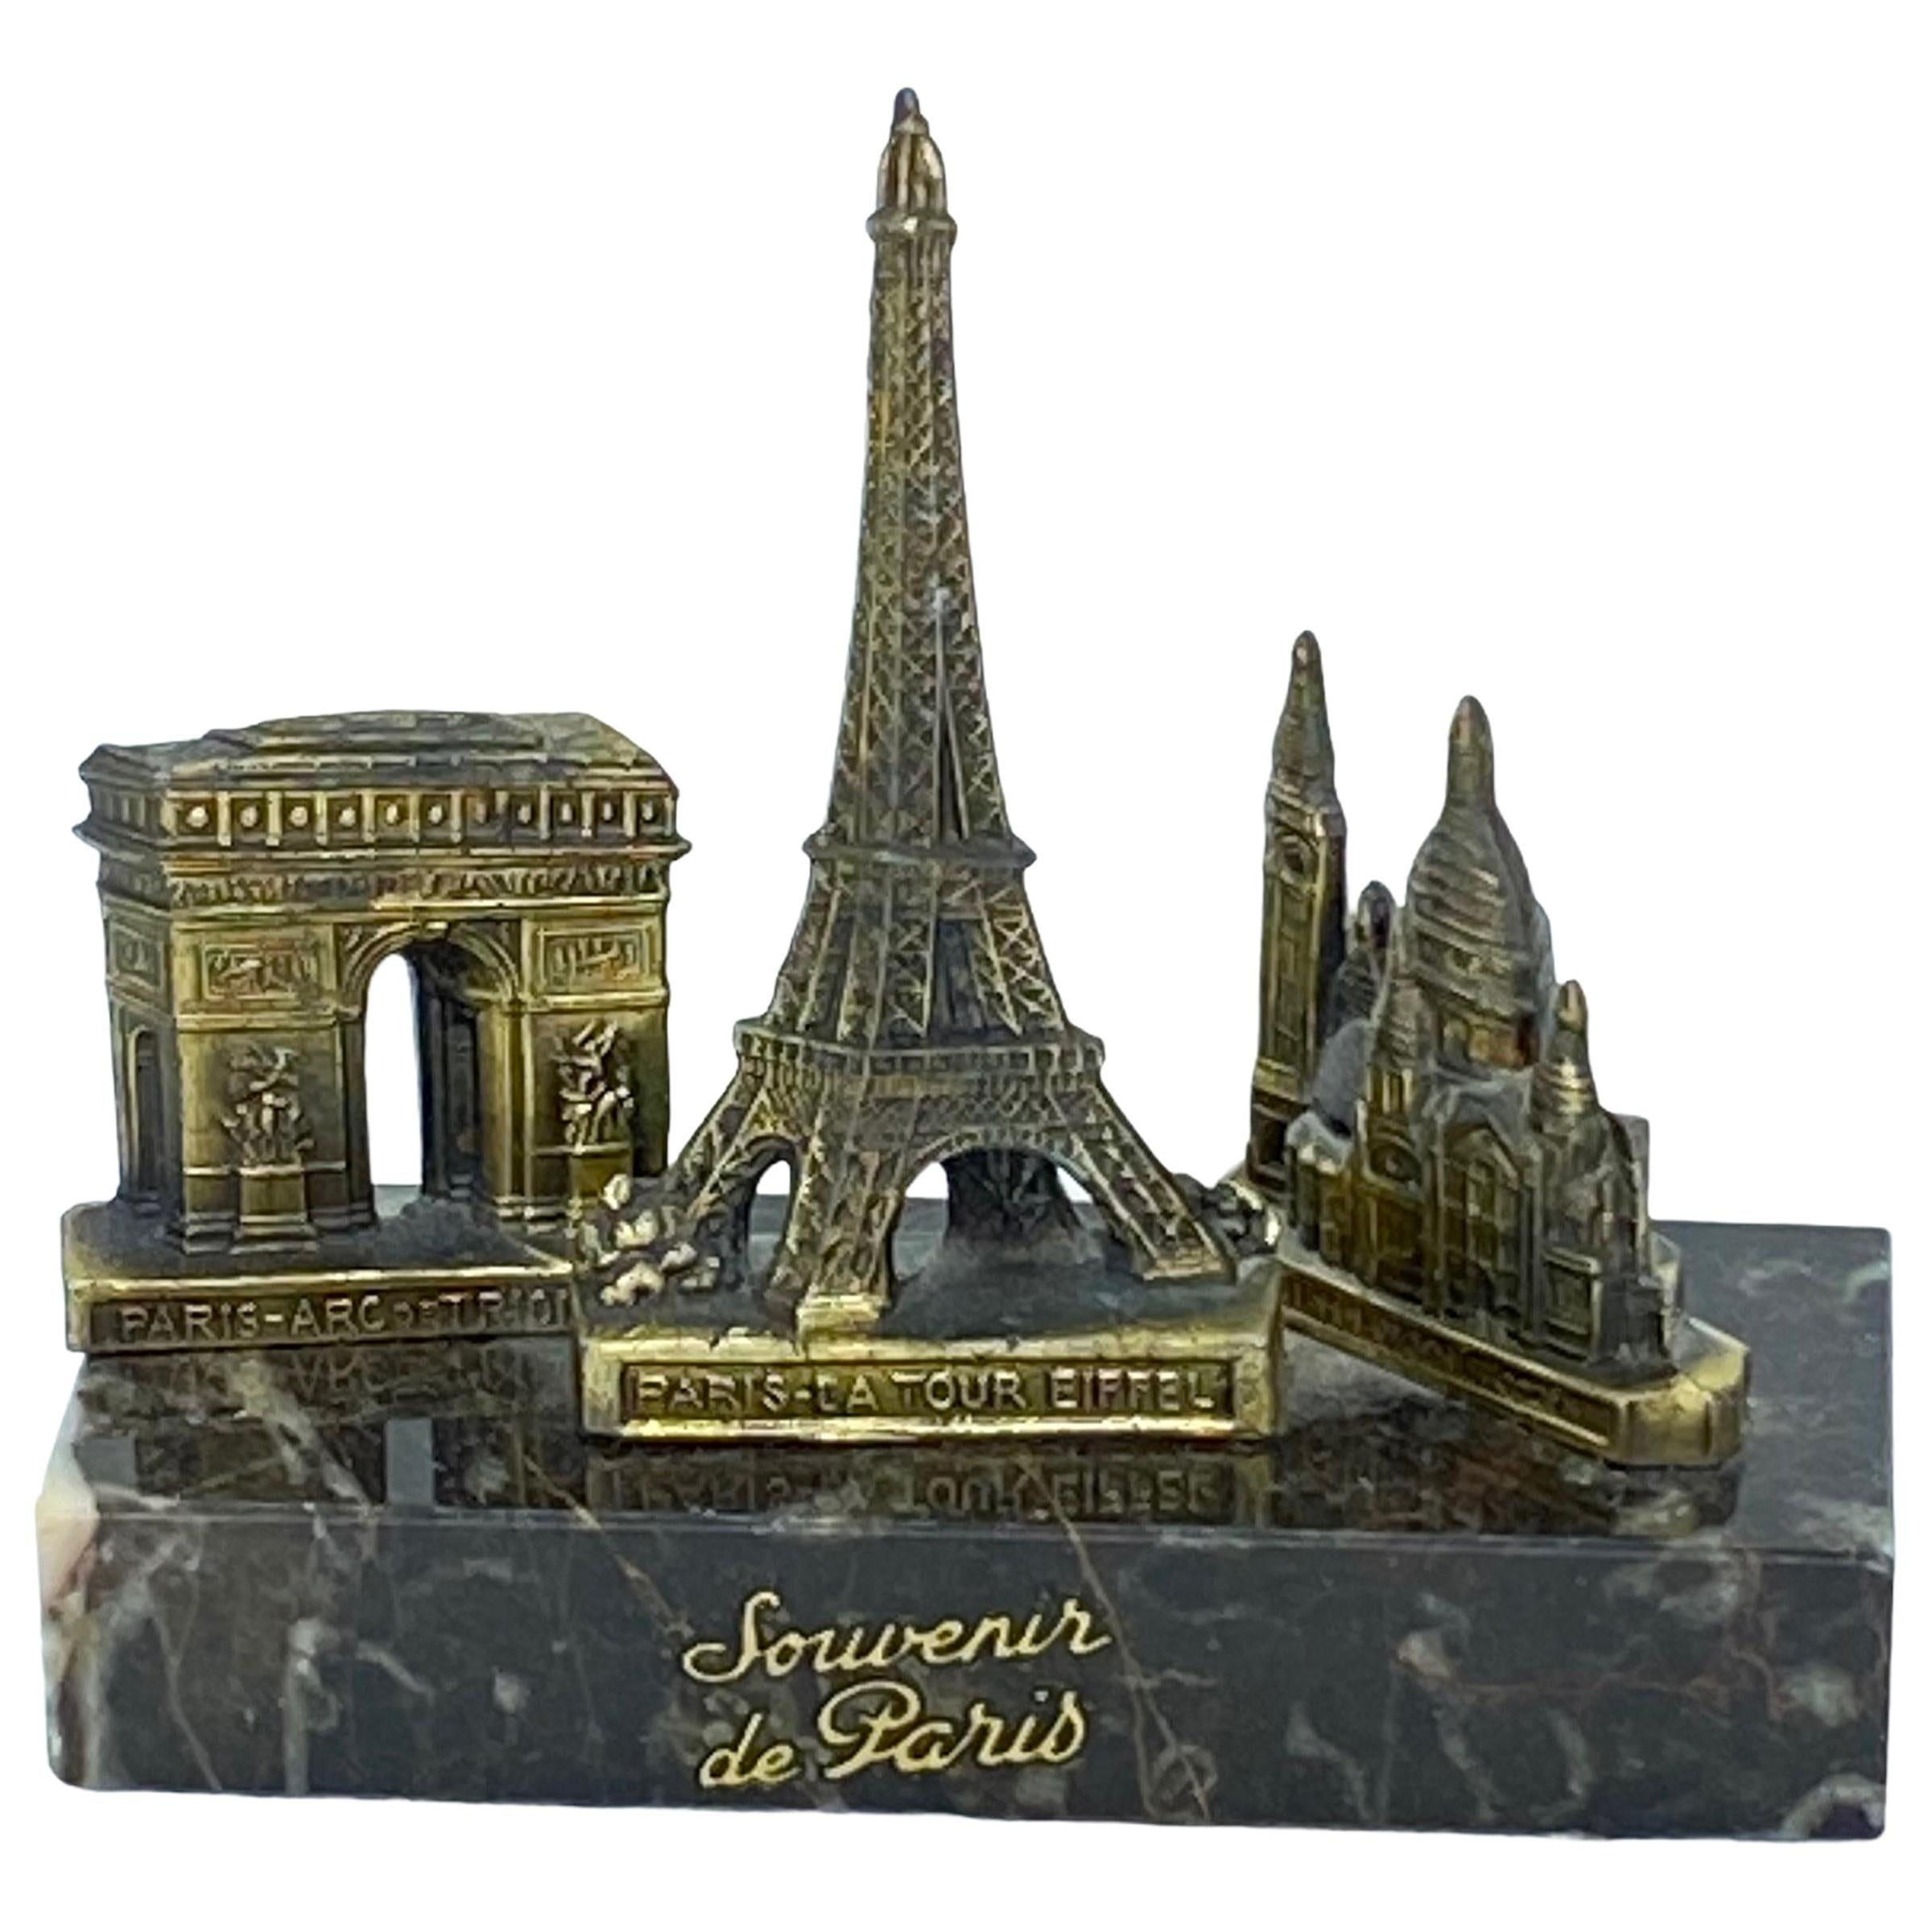 Eiffel Tower, Sacré-Coeur, Arc de Triomphe Souvenir Building Architectural Model